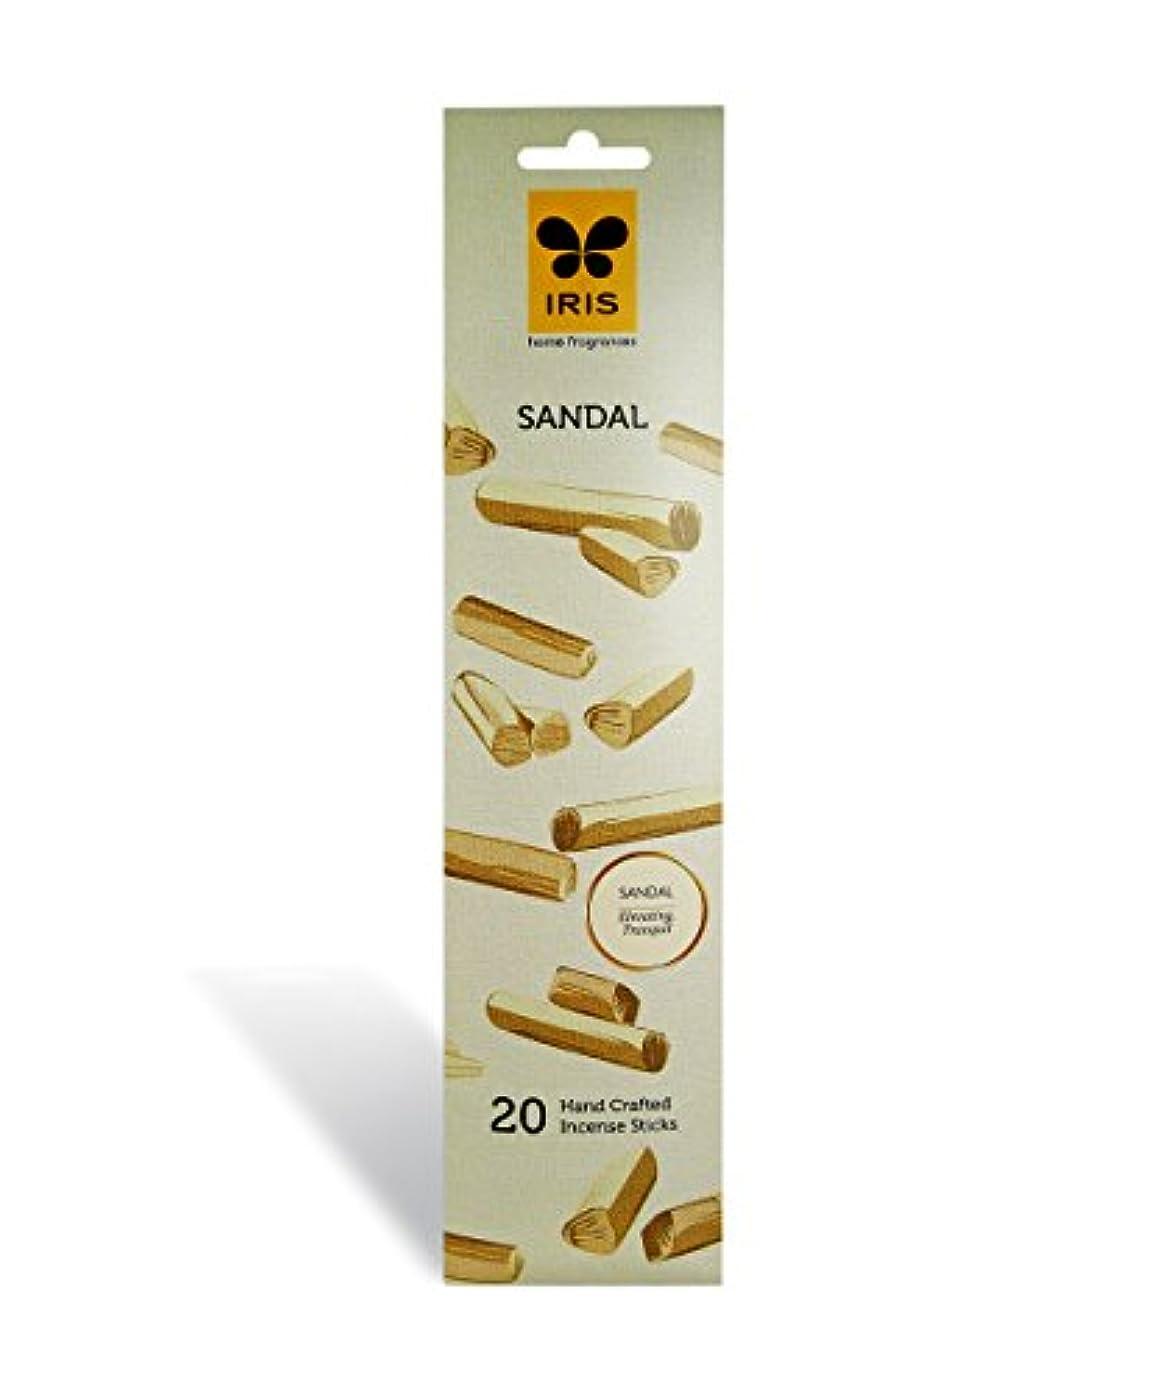 スコットランド人報復する時々時々IRIS Signature Sandal Fragrance Incense Sticks